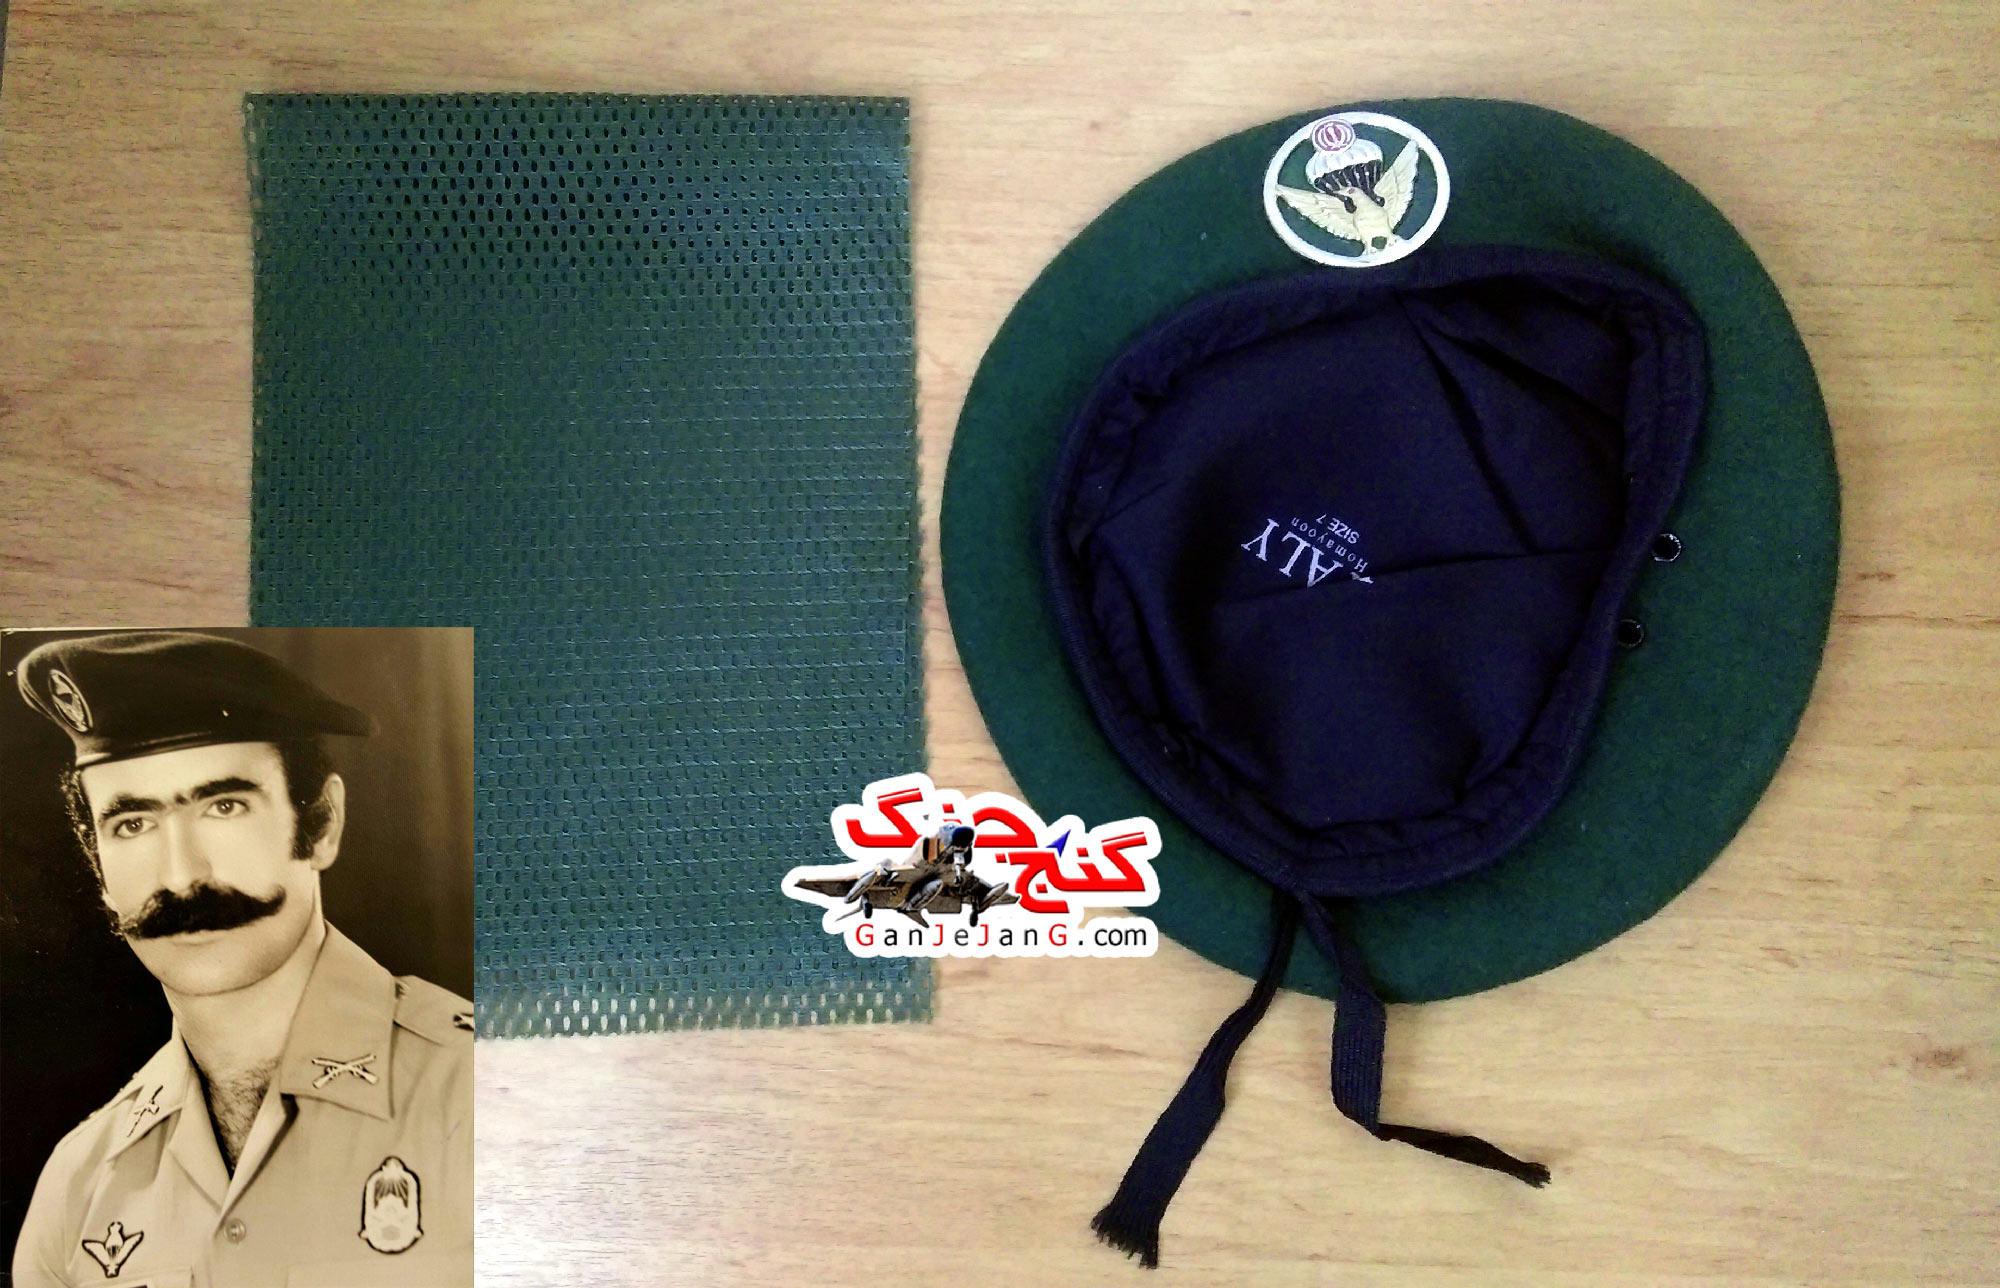 کلاه بره (تکاوری) نیروی مخصوص زمان جنگ+دستمال گردن رایگان